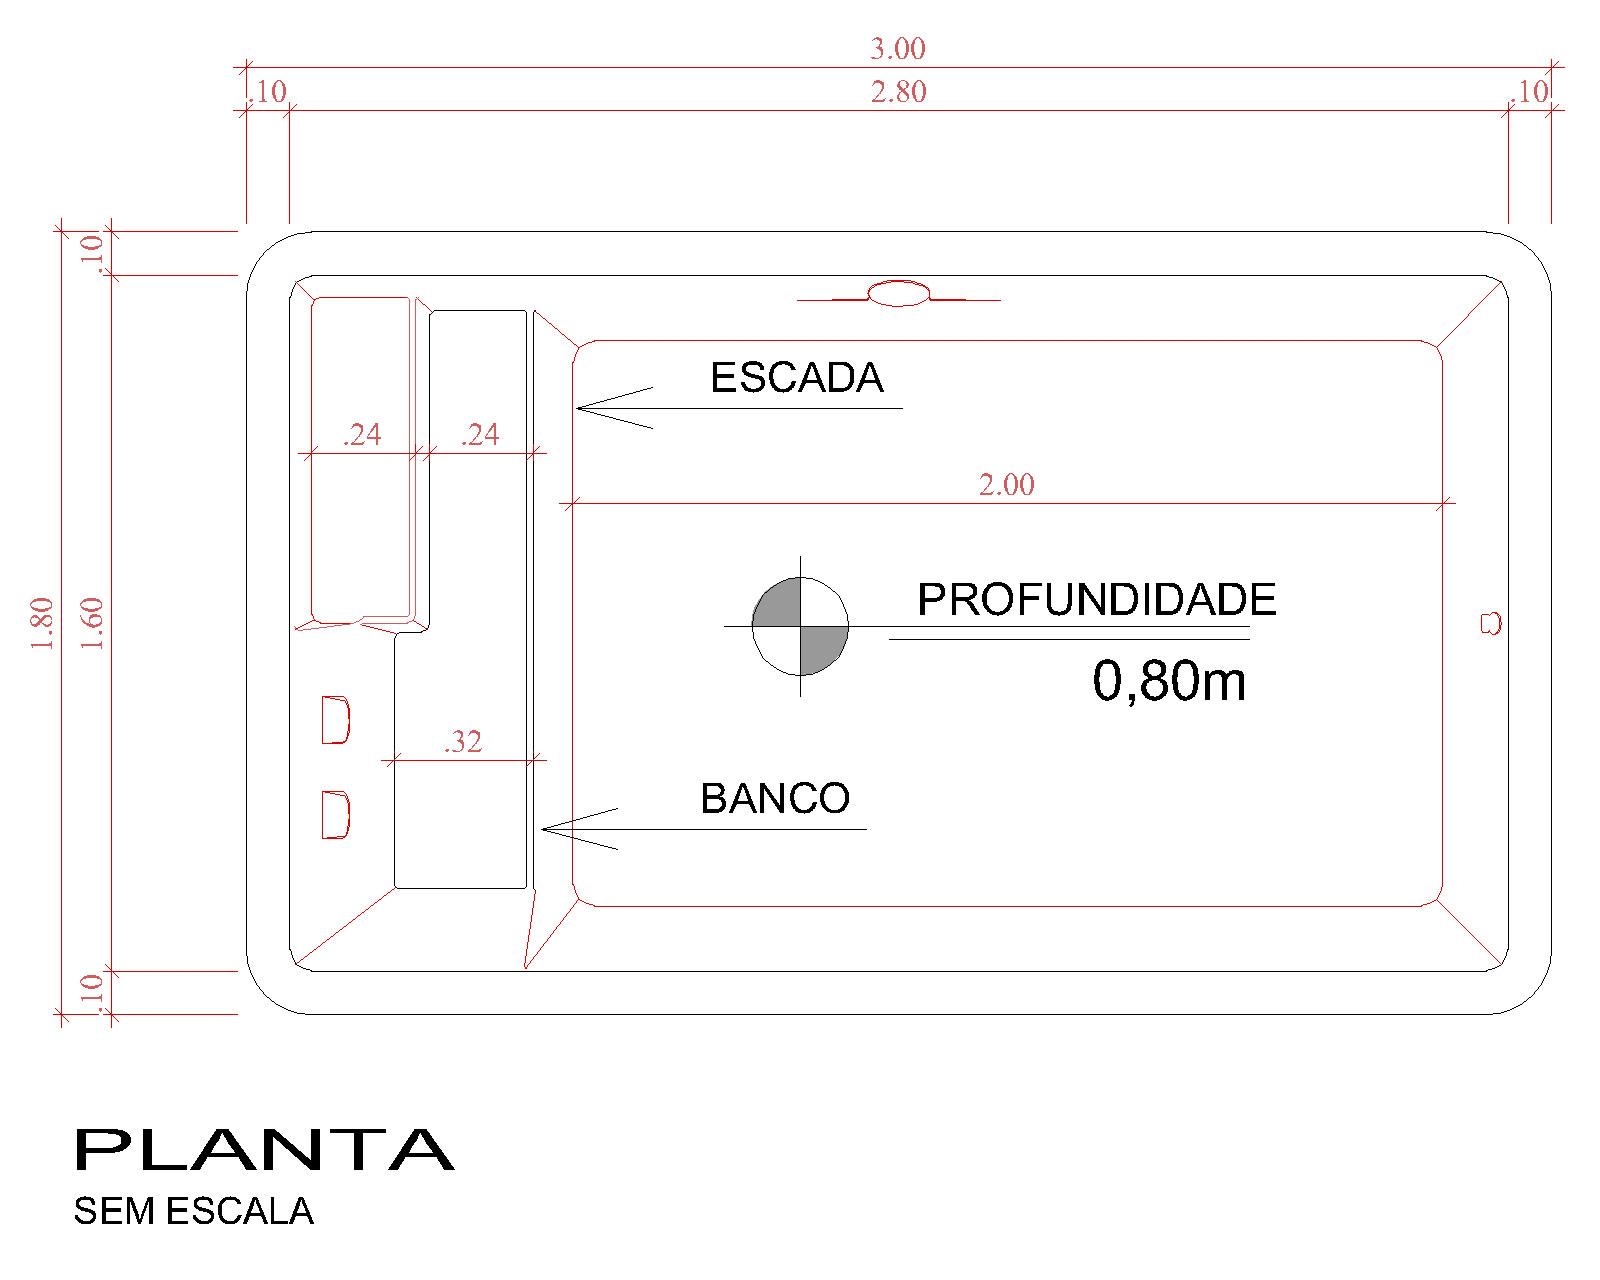 Desenho técnico Naama (sem escala)